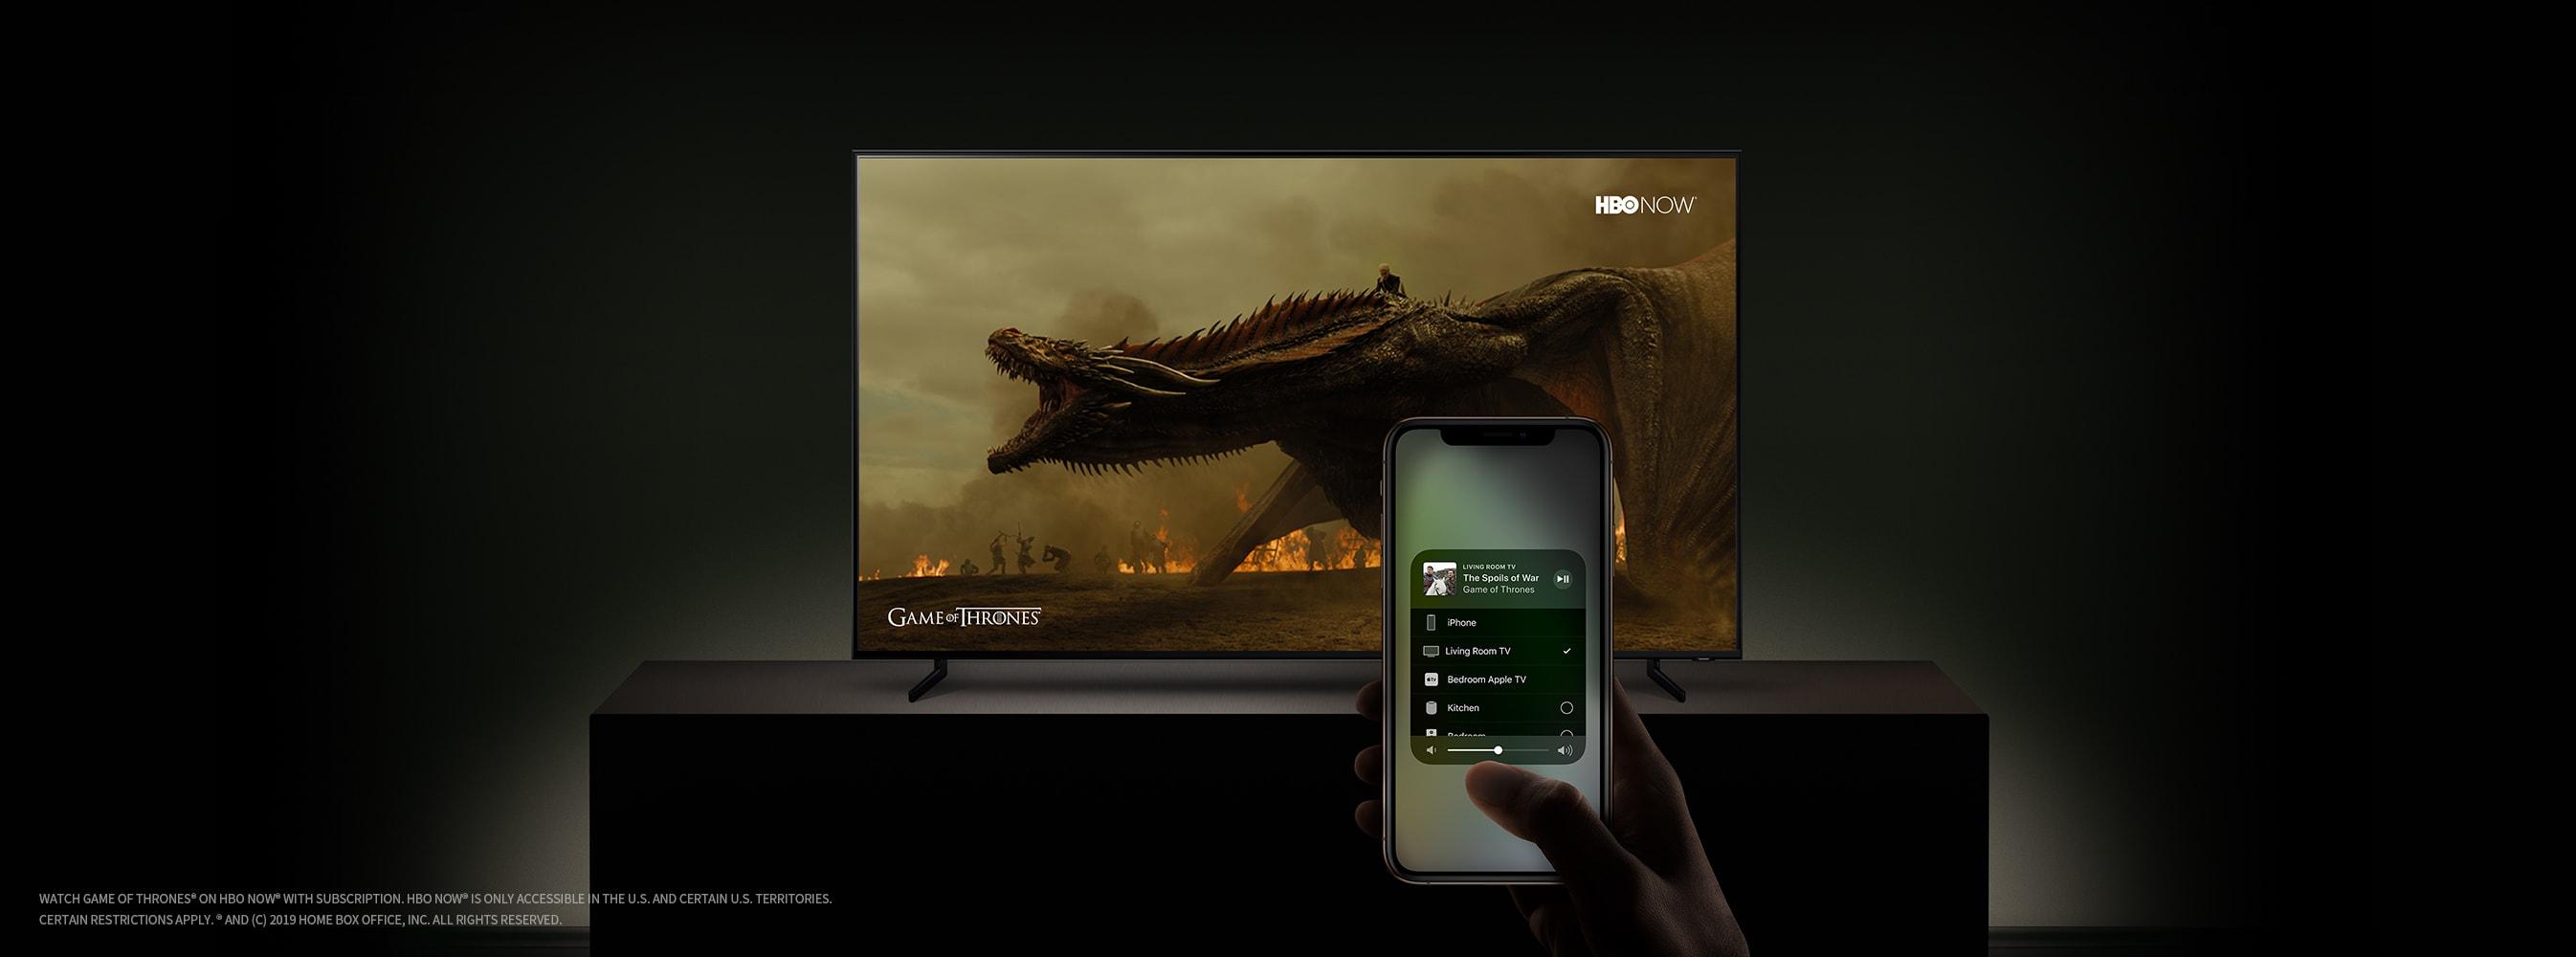 iTunes e AirPlay em TVs Samsung